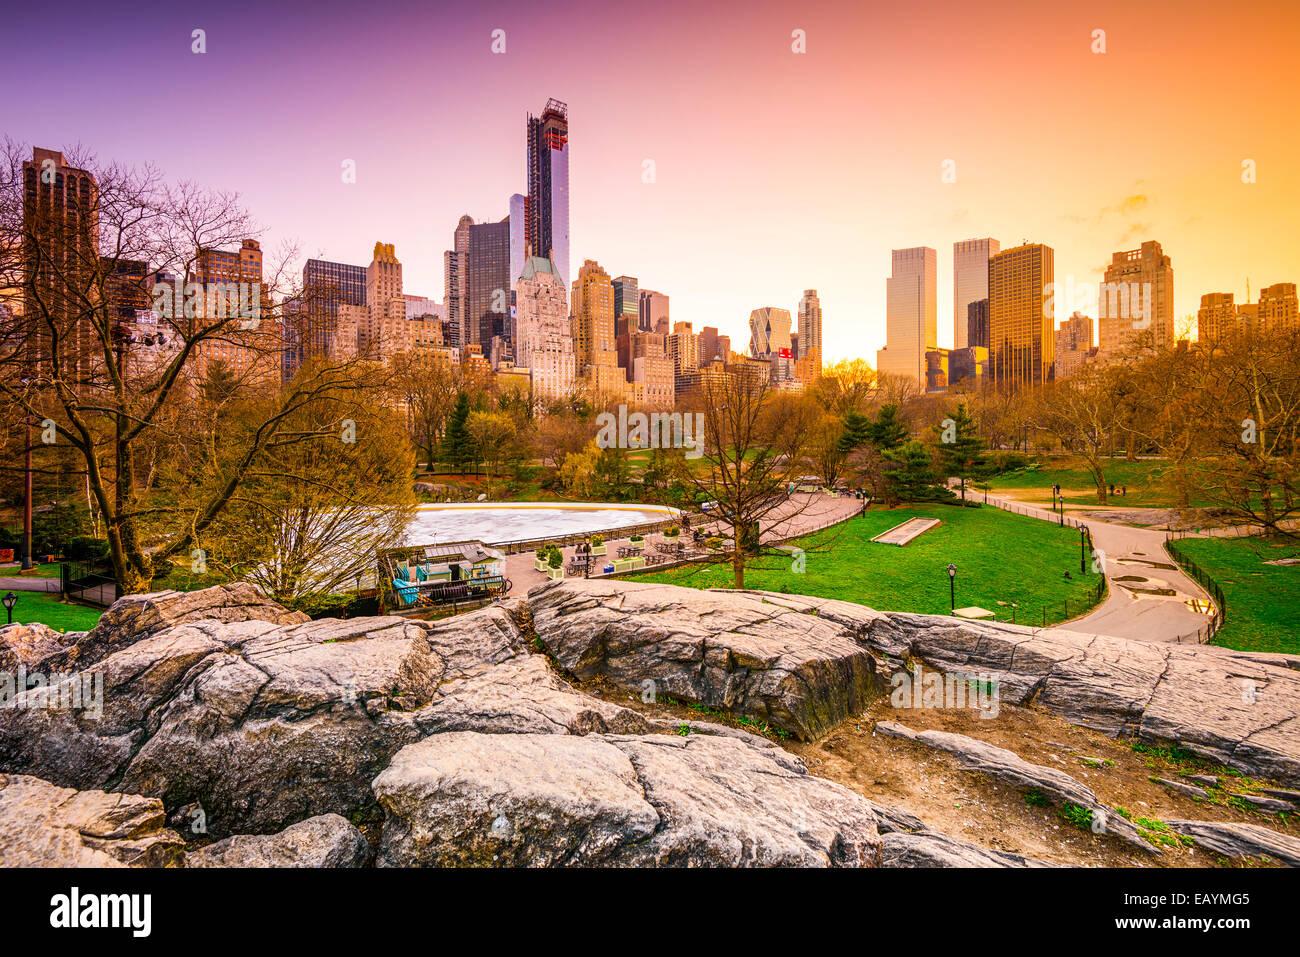 New York Ville paysage urbain vue de Central Park. Photo Stock